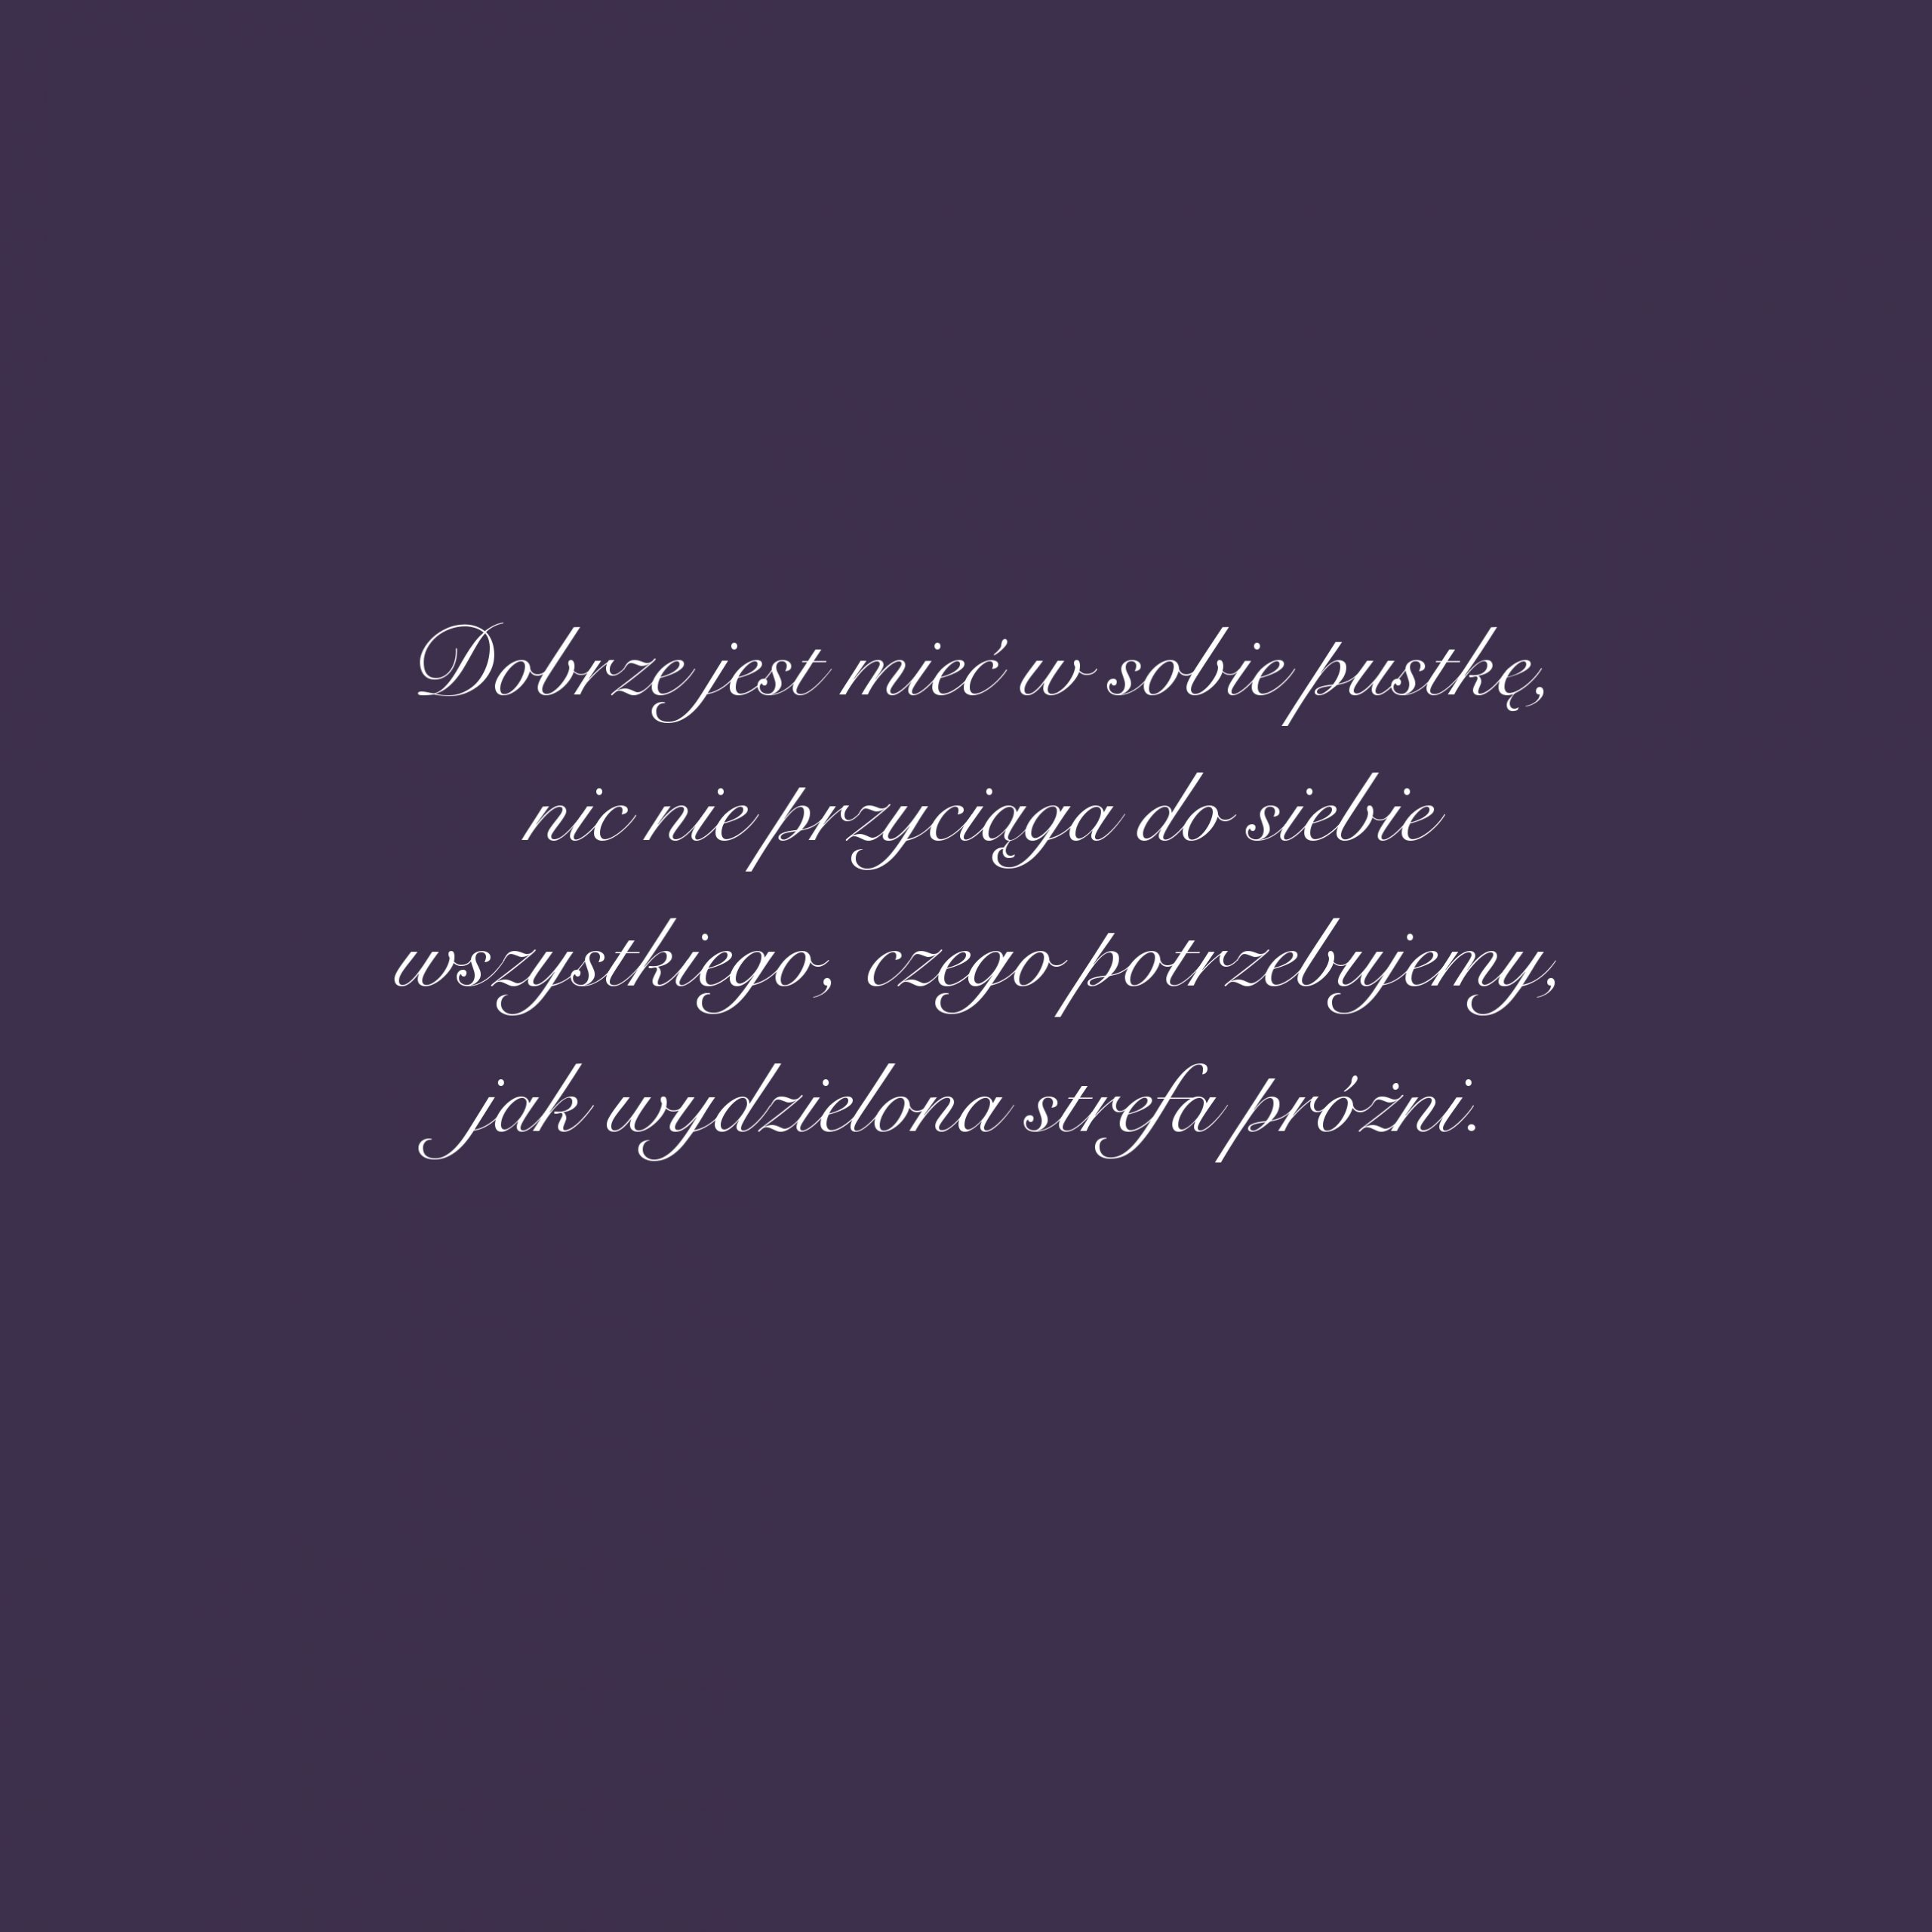 """[c.d.] Nostalgia refleksyjna, pozornie niegroźna, jeżeli zbyt bliska idealizowania przeszłości, może okazać się zgubna dla samego nostalgika, gdyżogranicza jego naturalny rozwój. Brak ruchu, stagnacja są dla świata iżycia nienaturalne. Jeżeli zjakiegoś powodu zapatrzeni wprzeszłość stoimy wmiejscu, aświat się zmienia, tomożemy być pewni, żezdarzy się coś, co nas wnajbardziej brutalny sposób dotych zmian przymusi. Ztego powodu dla niektórych ważny jest rozwój duchowy, dla innych – intelektualny, adla mnie osobiście – ruch ipraca są istotą zmian. Bycie jednym ztych Biegunów Olgi Tokarczuk, którzy""""zło oswajają ruchem"""", dzięki niemu pozostają wrównowadze iulegają ciągłemu rozwojowi. Potrafią porzucić to, co było iwygospodarować wsobie przestrzeń gotową naprzyjęcie każdej zmiany. Dobrze jest mieć wsobie pustkę, nic taknieprzyciąga dosiebie wszystkiego, czego potrzebujemy, jak wydzielona strefa próżni."""